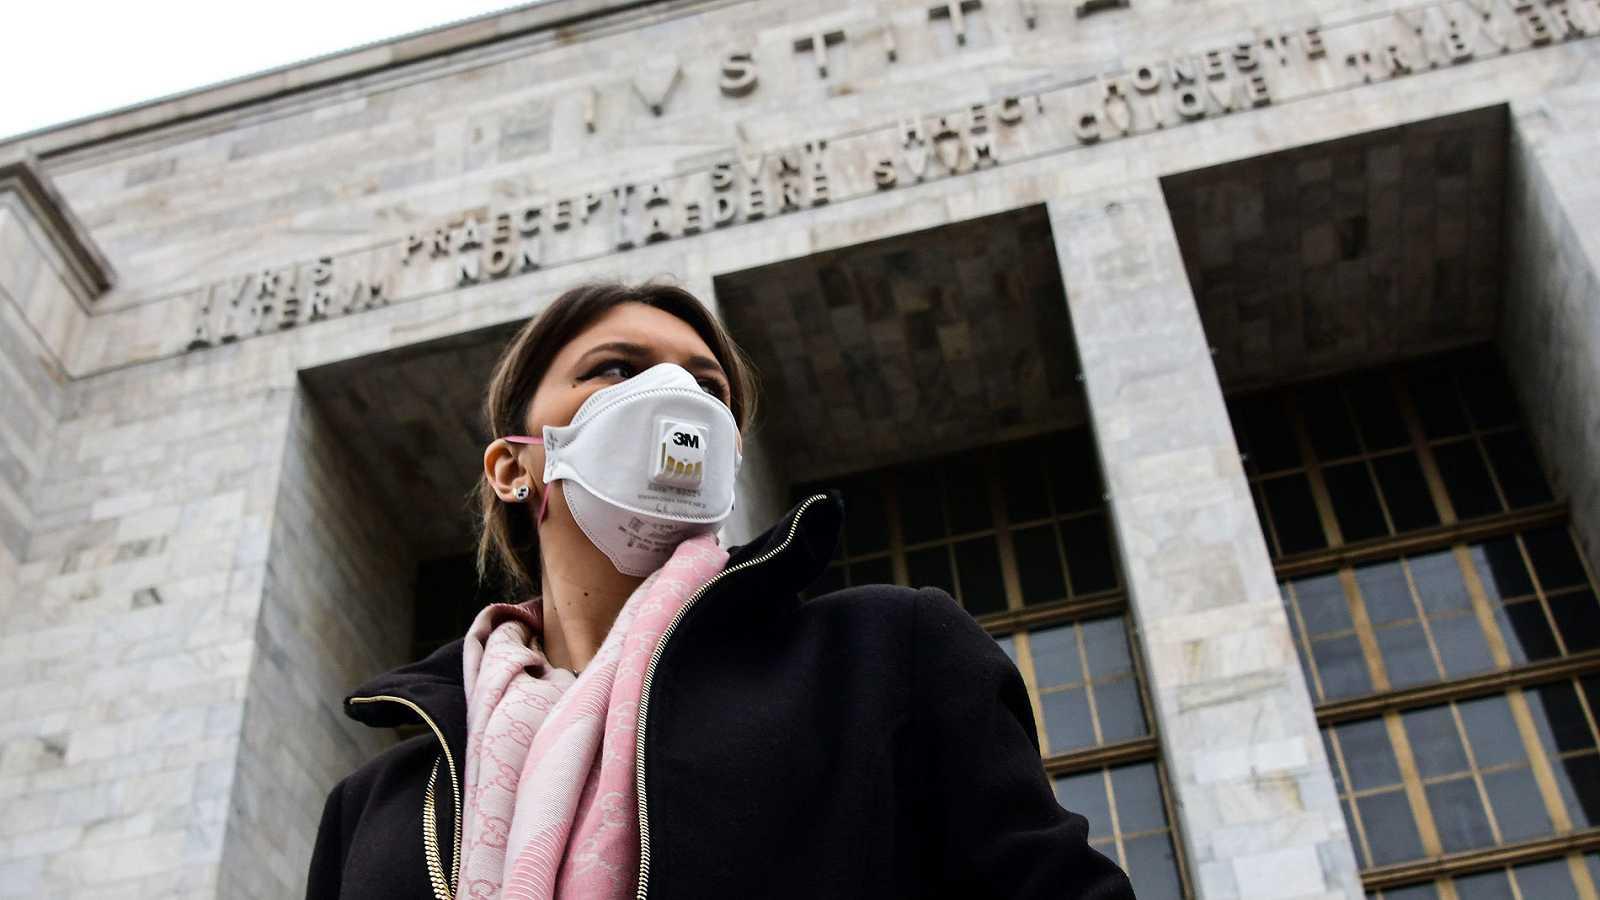 Una mujer con mascarilla camina frente al Palacio de Justicia de Milán.